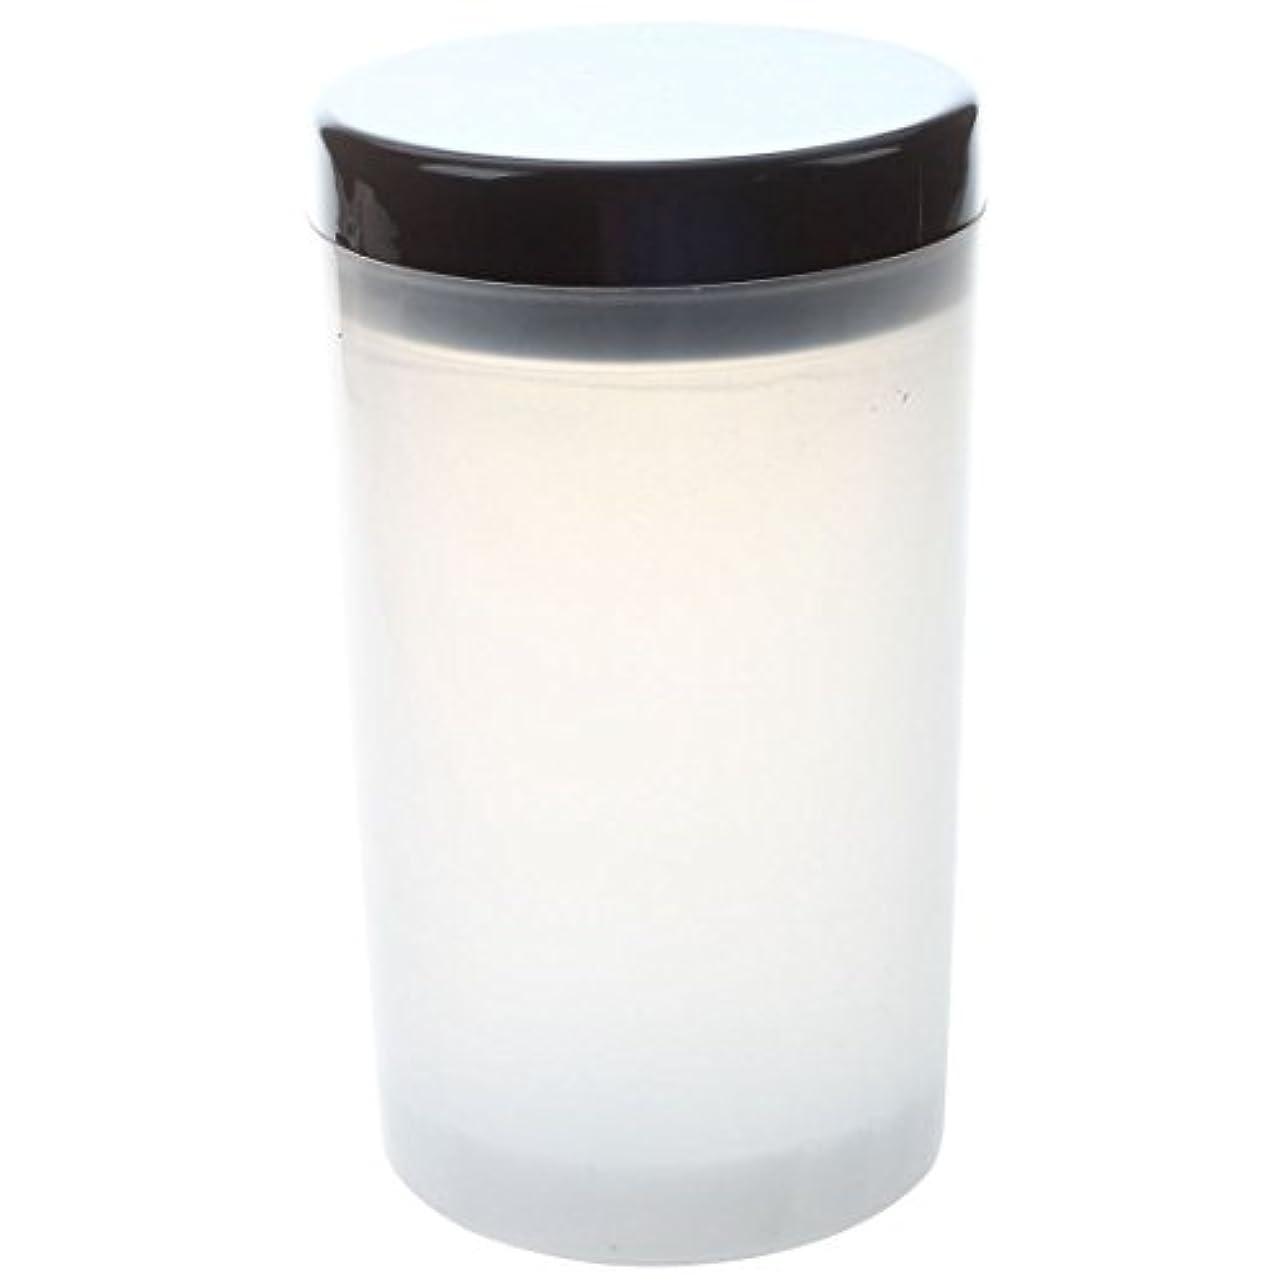 始めるすみませんと闘うXigeapg ネイルアートチップブラシホルダー リムーバーカップカップ浸漬ブラシ クリーナーボトル